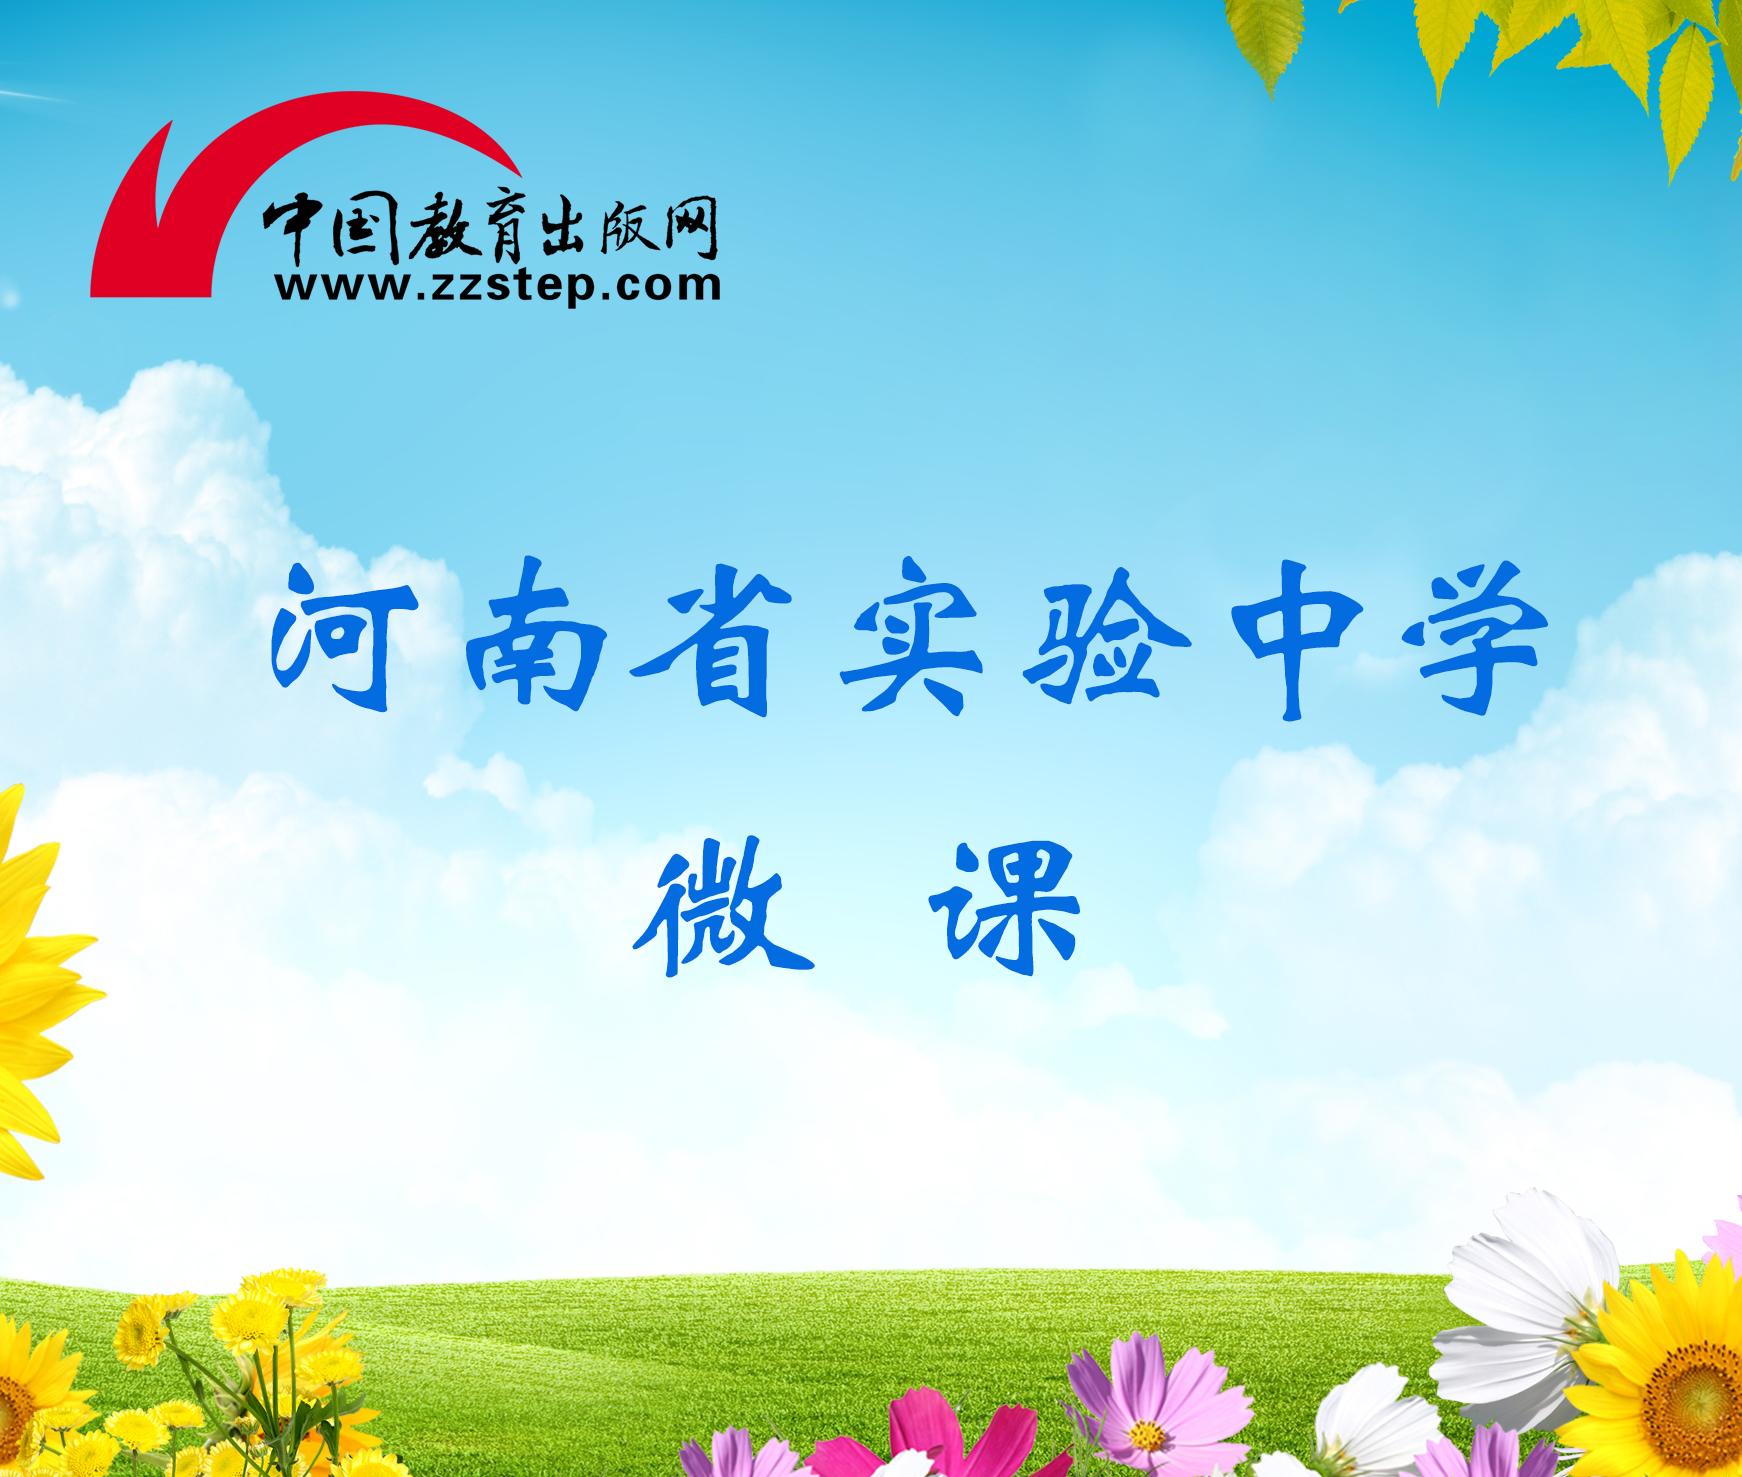 人教版语文高一《父爱的另一种表达》刘子晗